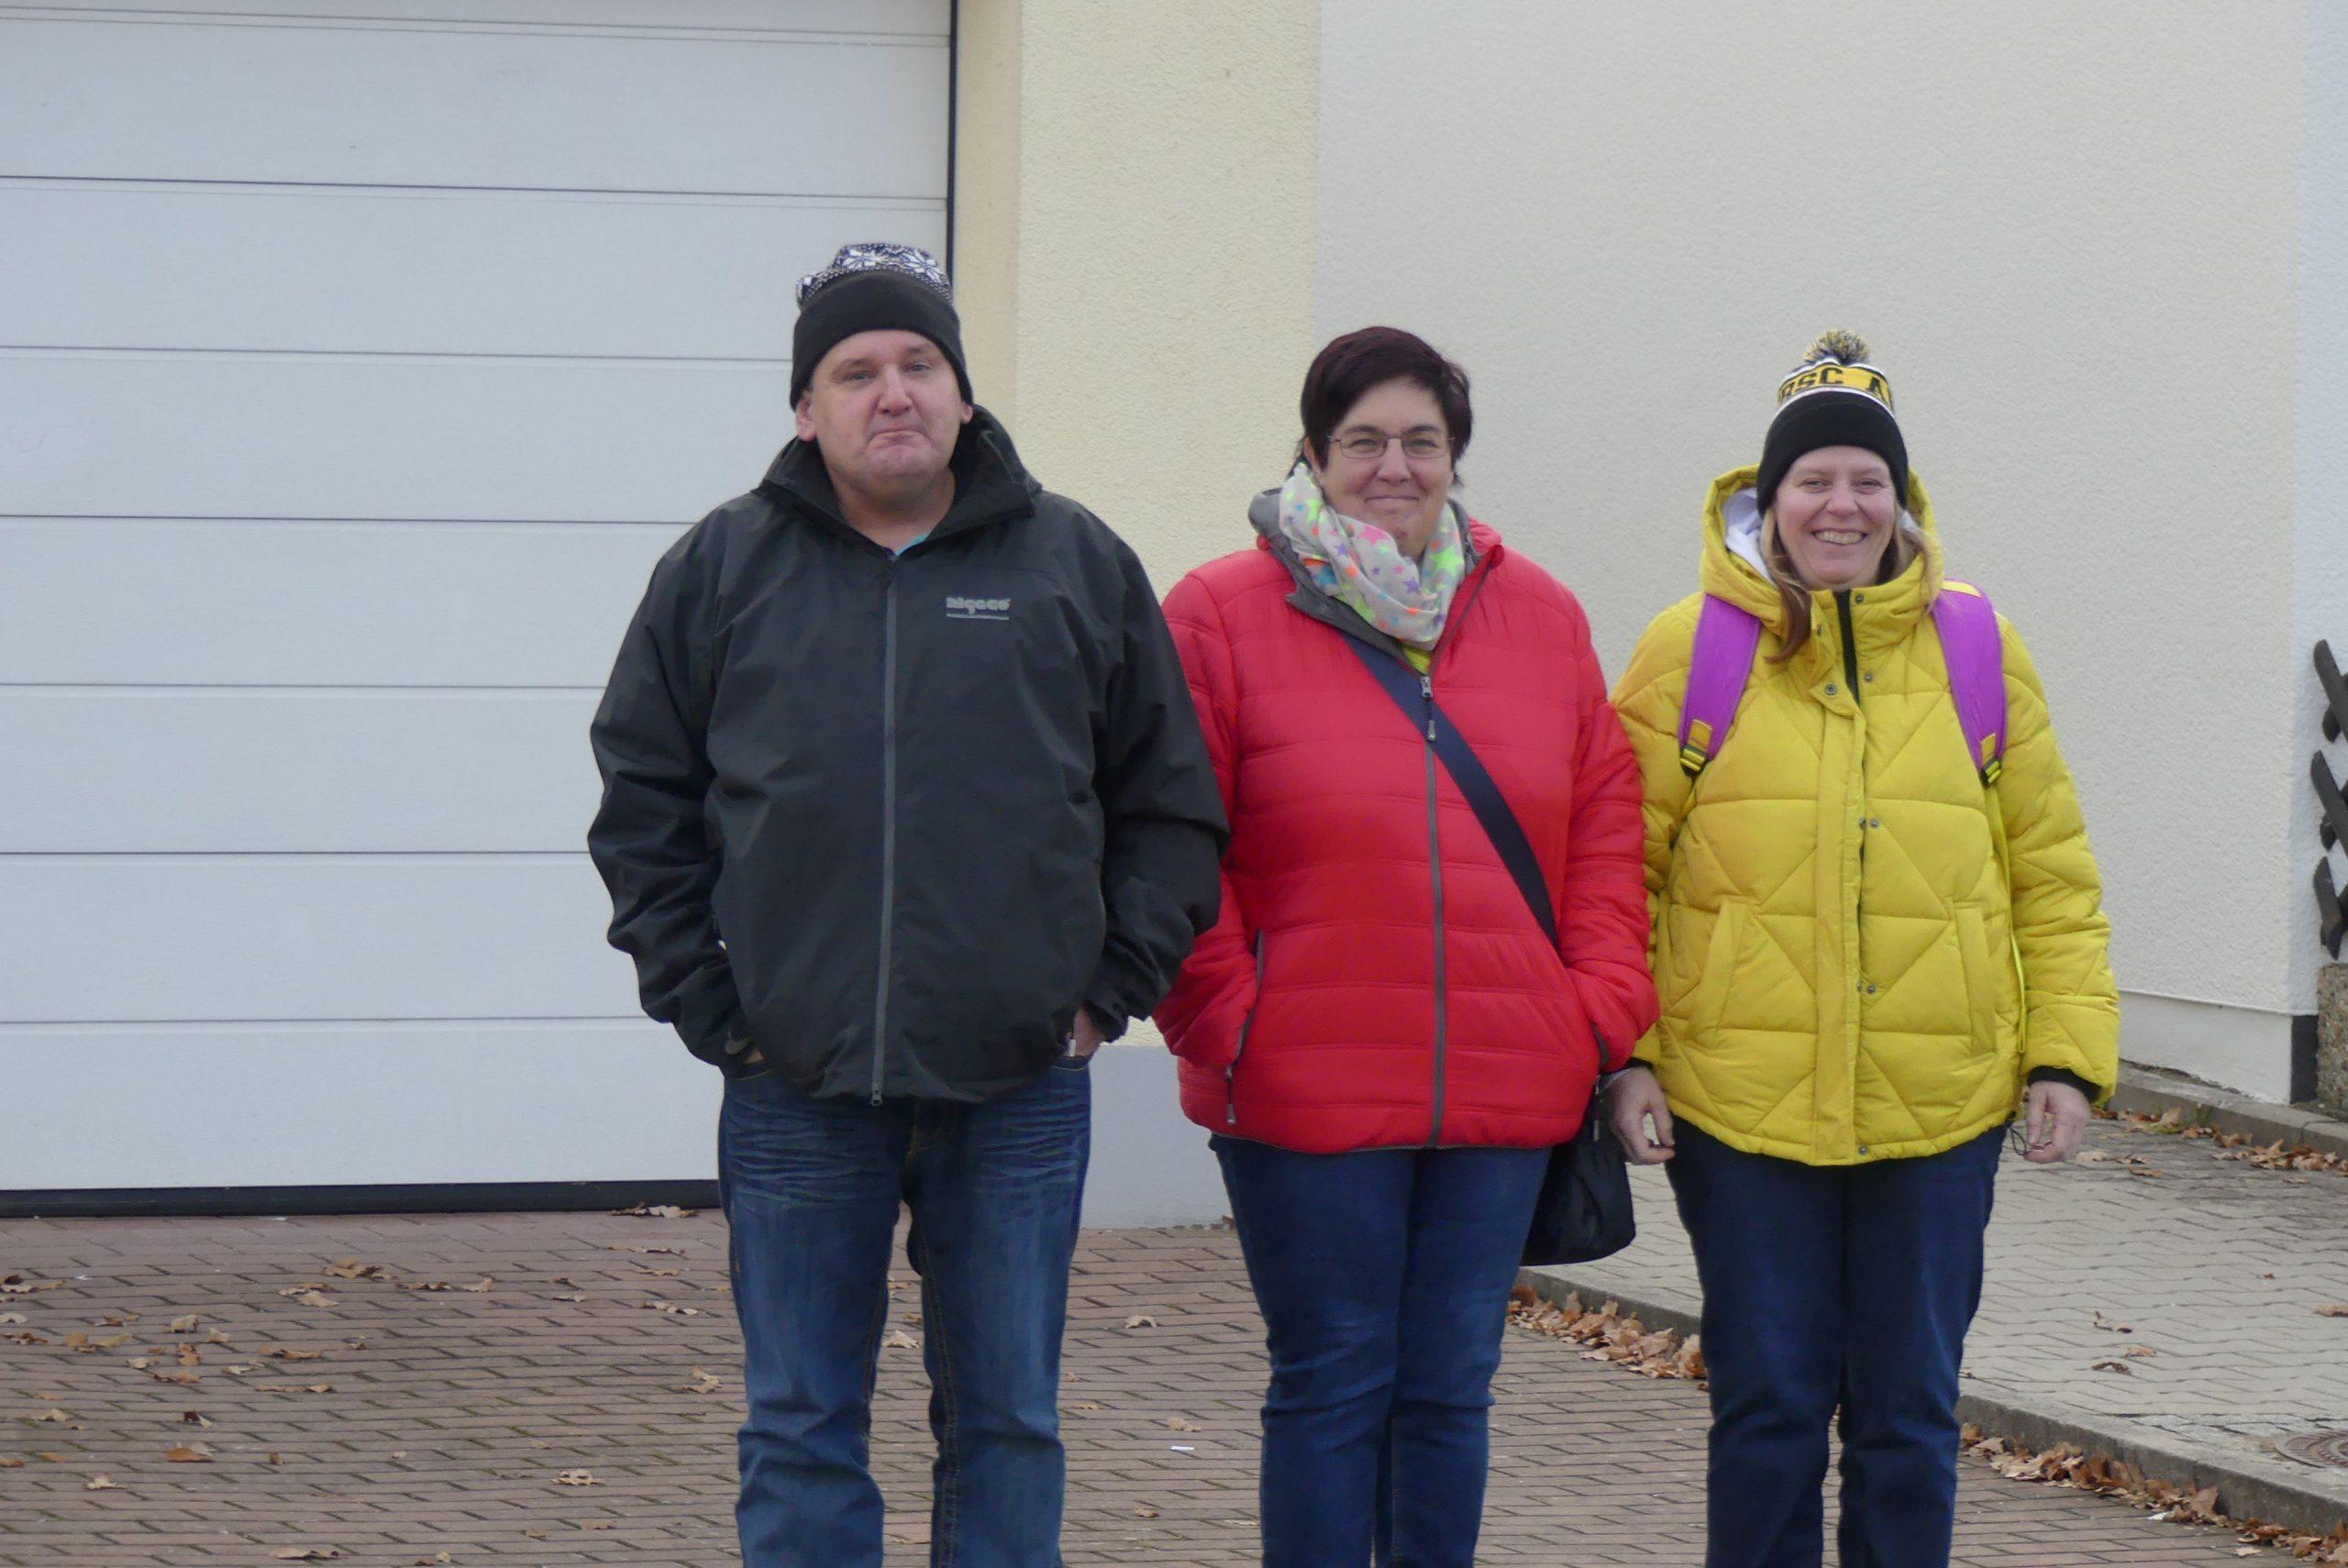 Auf dem Foto sind die drei Freunde Robert, Karin und Michaela zu sehen.